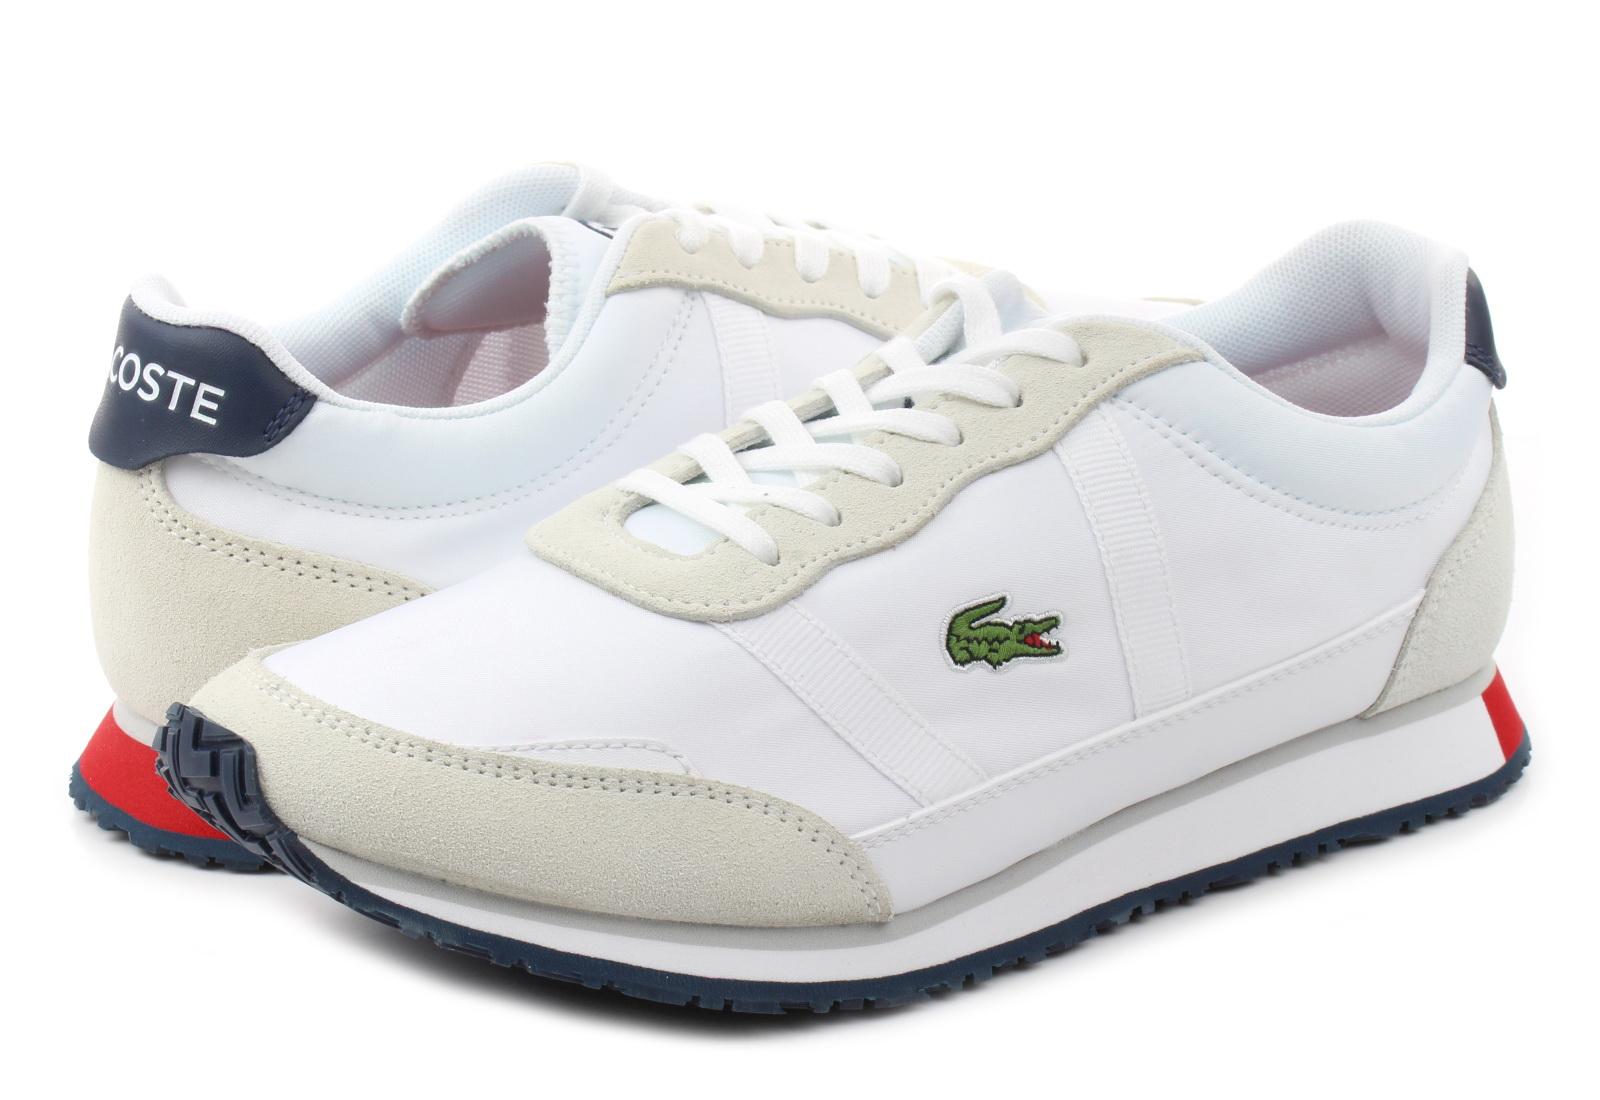 Lacoste Cipő - Partner - 191SFA0045-407 - Office Shoes Magyarország 6baeabe15a